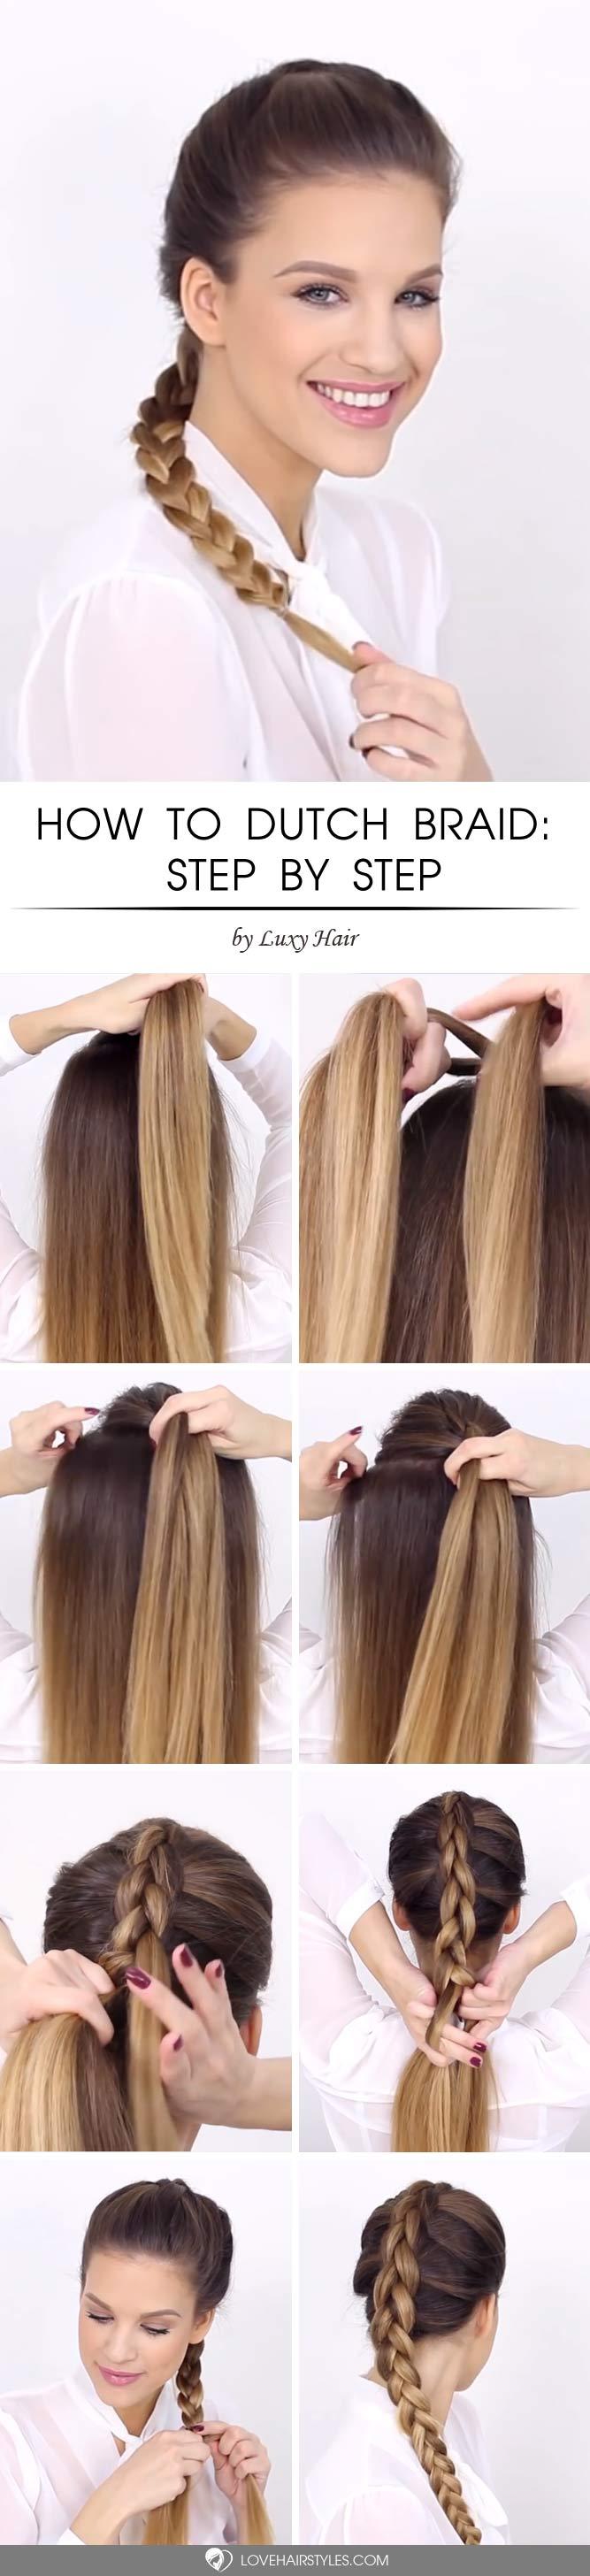 How To Dutch Braid For Beginners #howtodutchbraid #dutchbraid #tutorials #braids #hairstyles